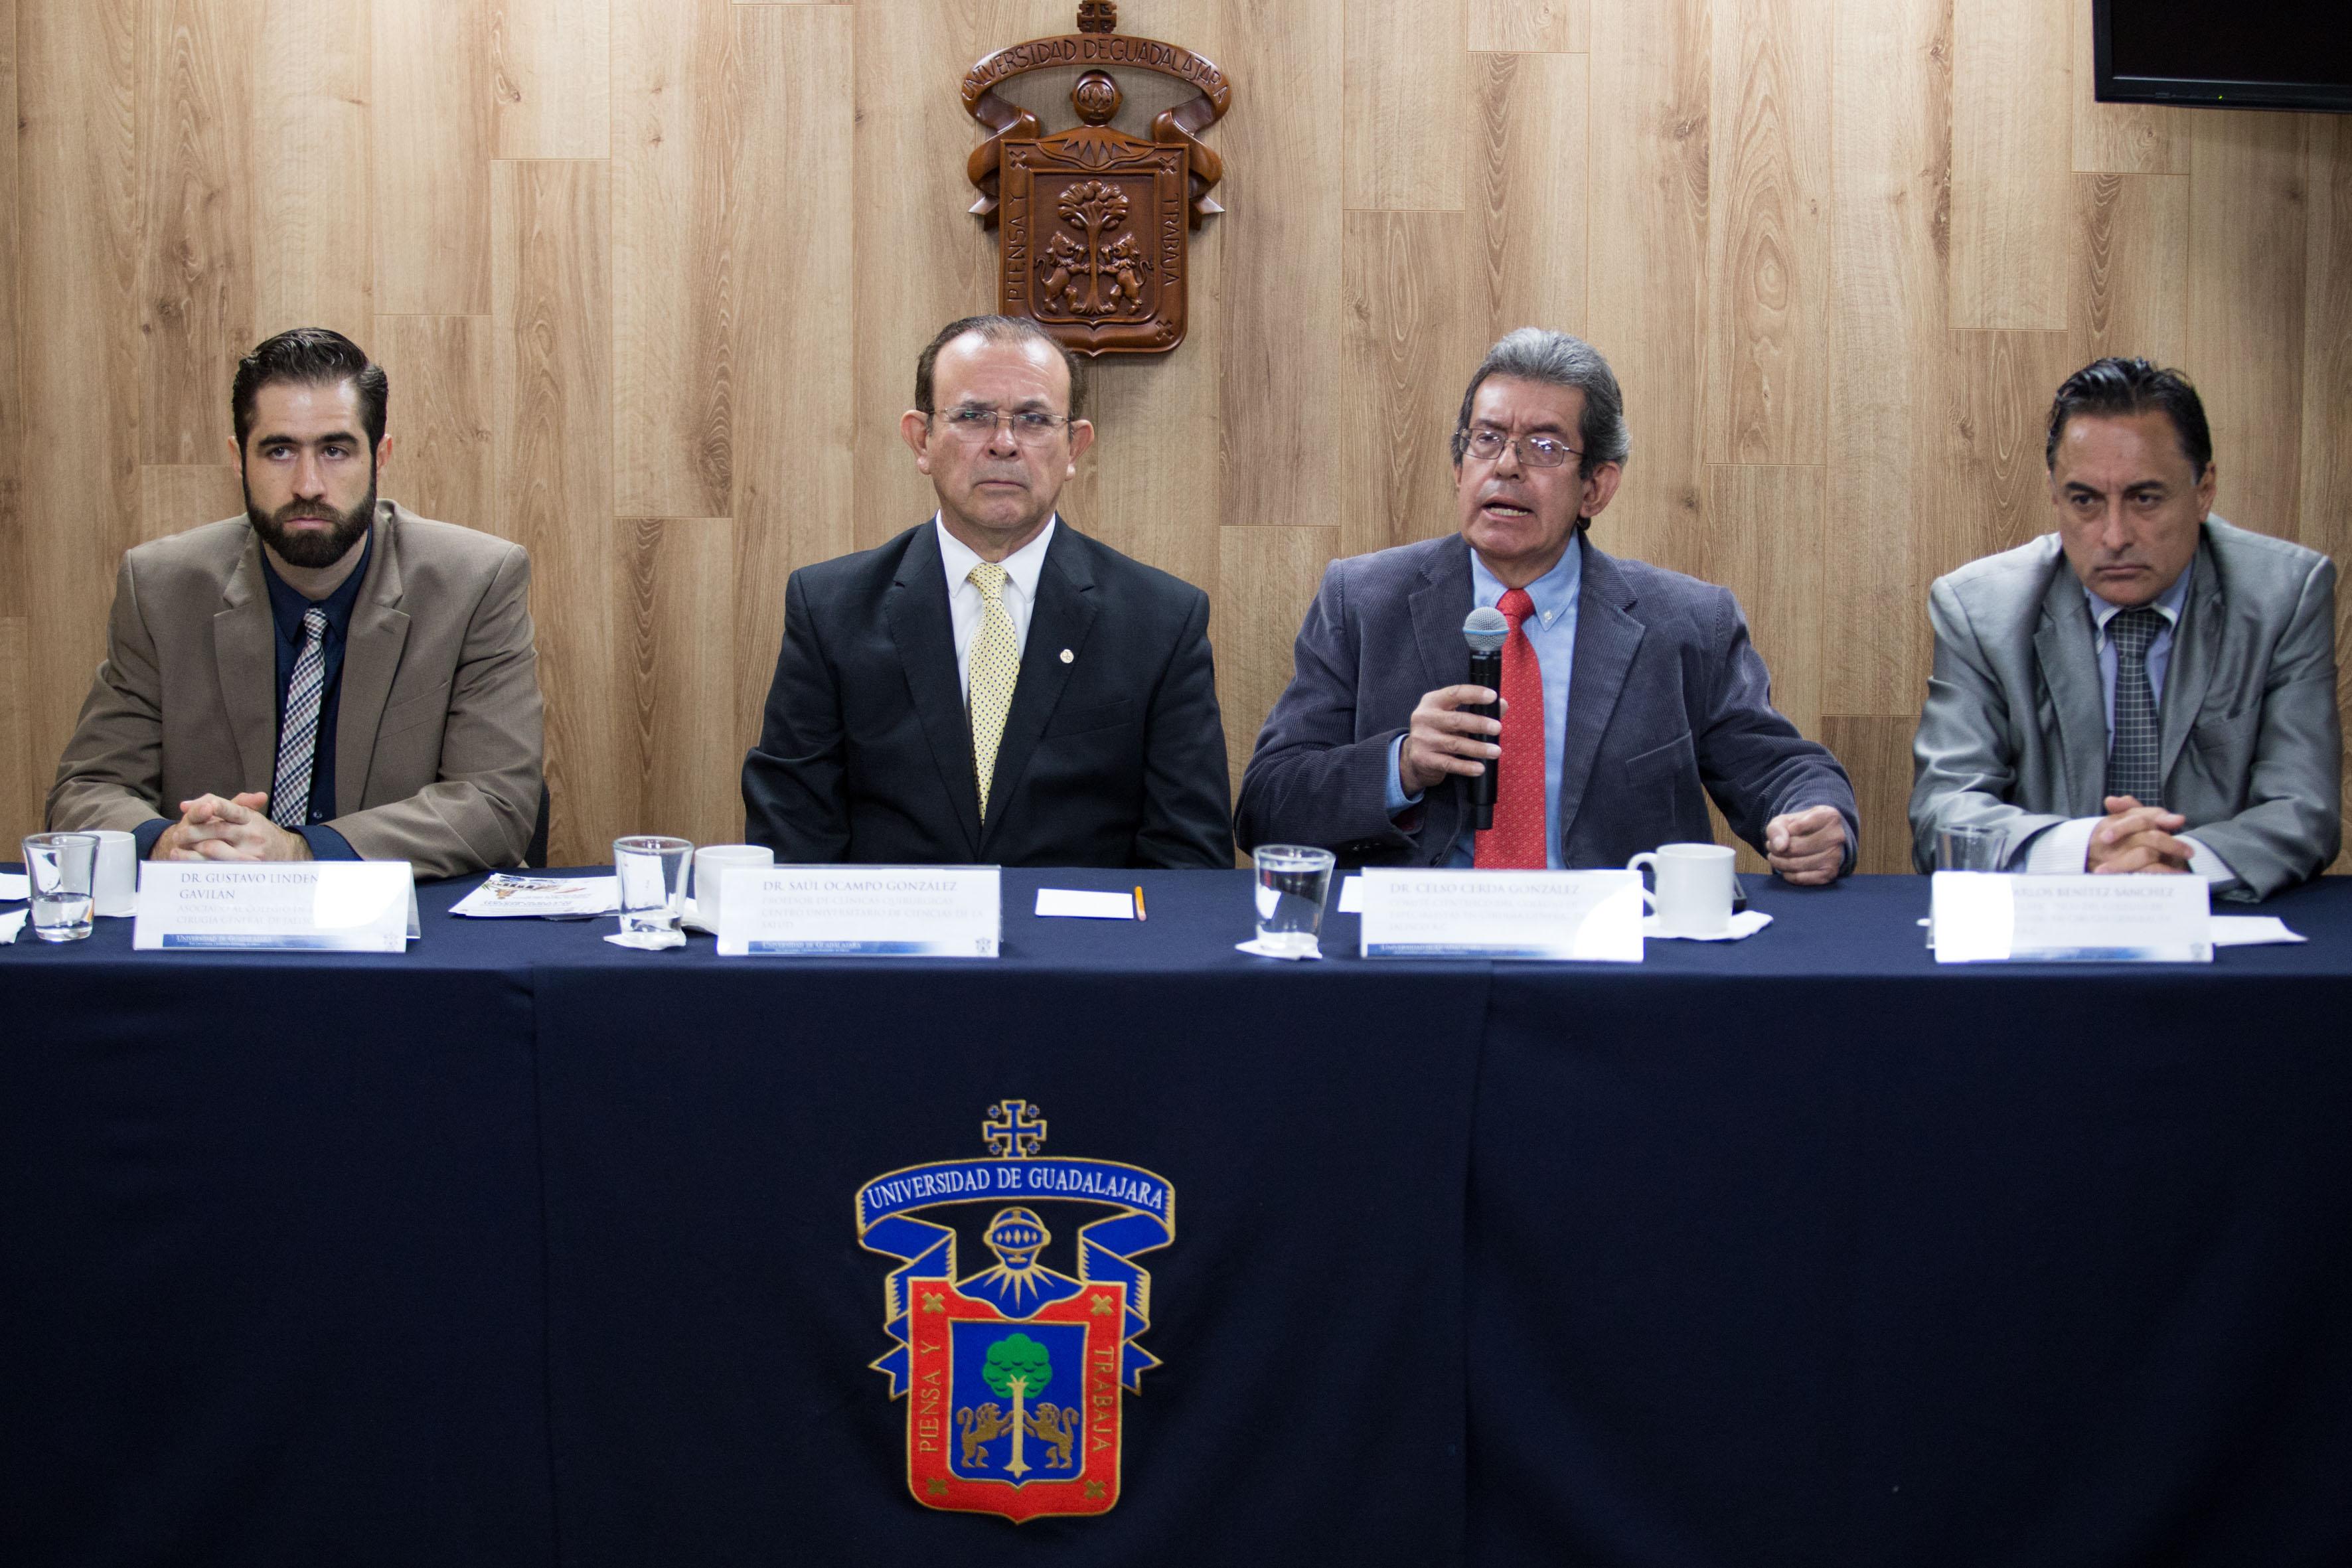 Doctor Celso Cerda González, miembro del comité científico del CECGJ, con micrófono en mano, haciendo uso de la palabra.